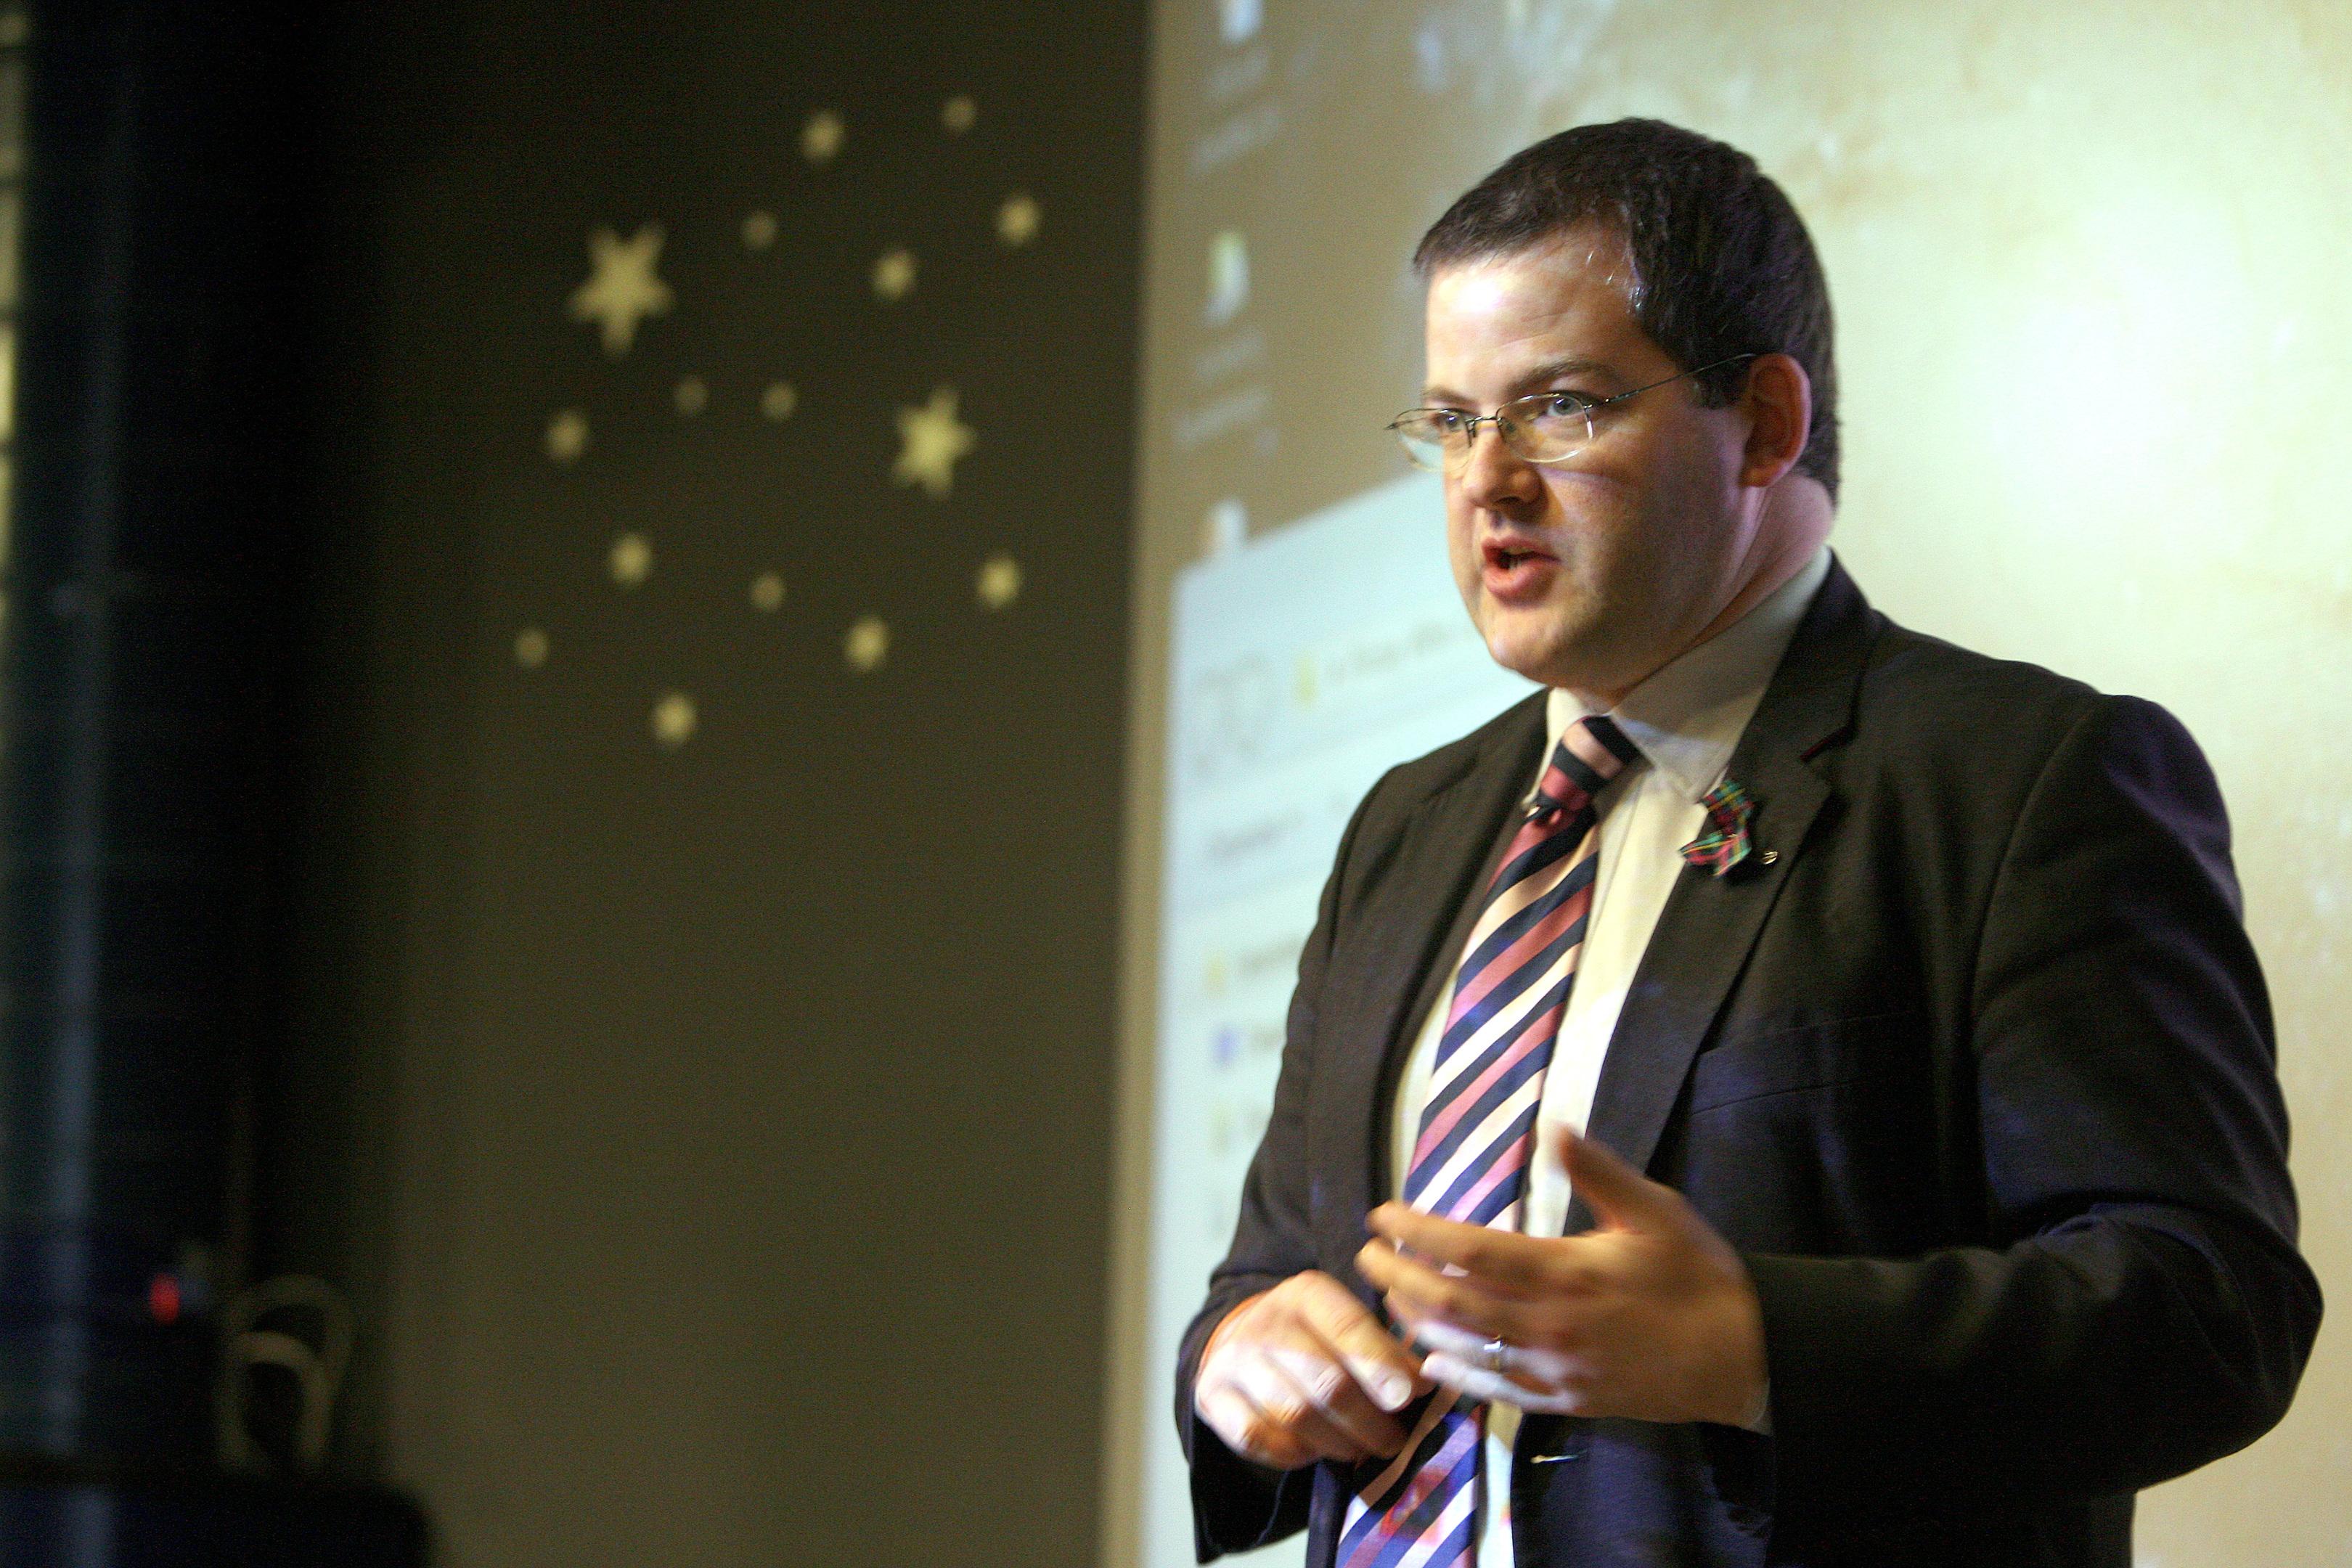 Former SNP minister Mark McDonald resigned yesterday (Kris Miller / The Courier)